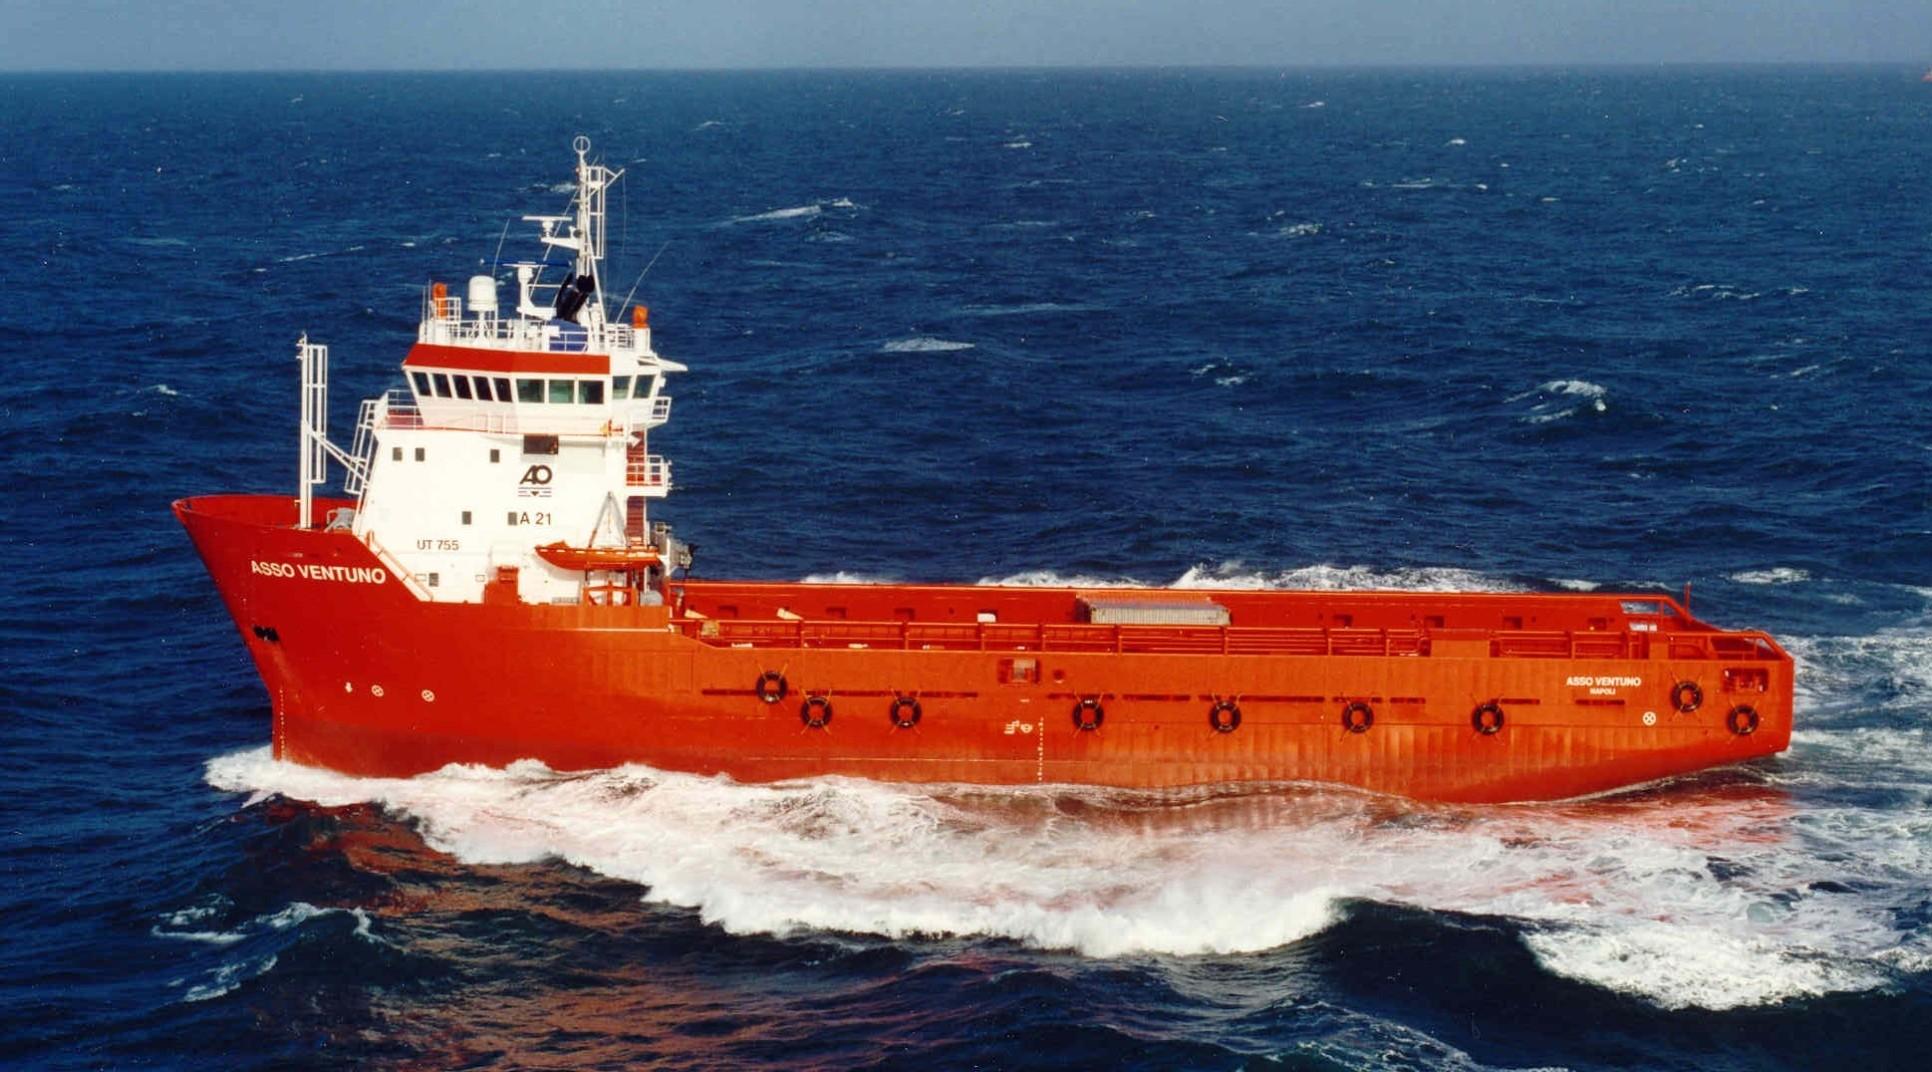 Nigeria, anche il capitano tra rapiti dai pirati su nave Asso Ventuno